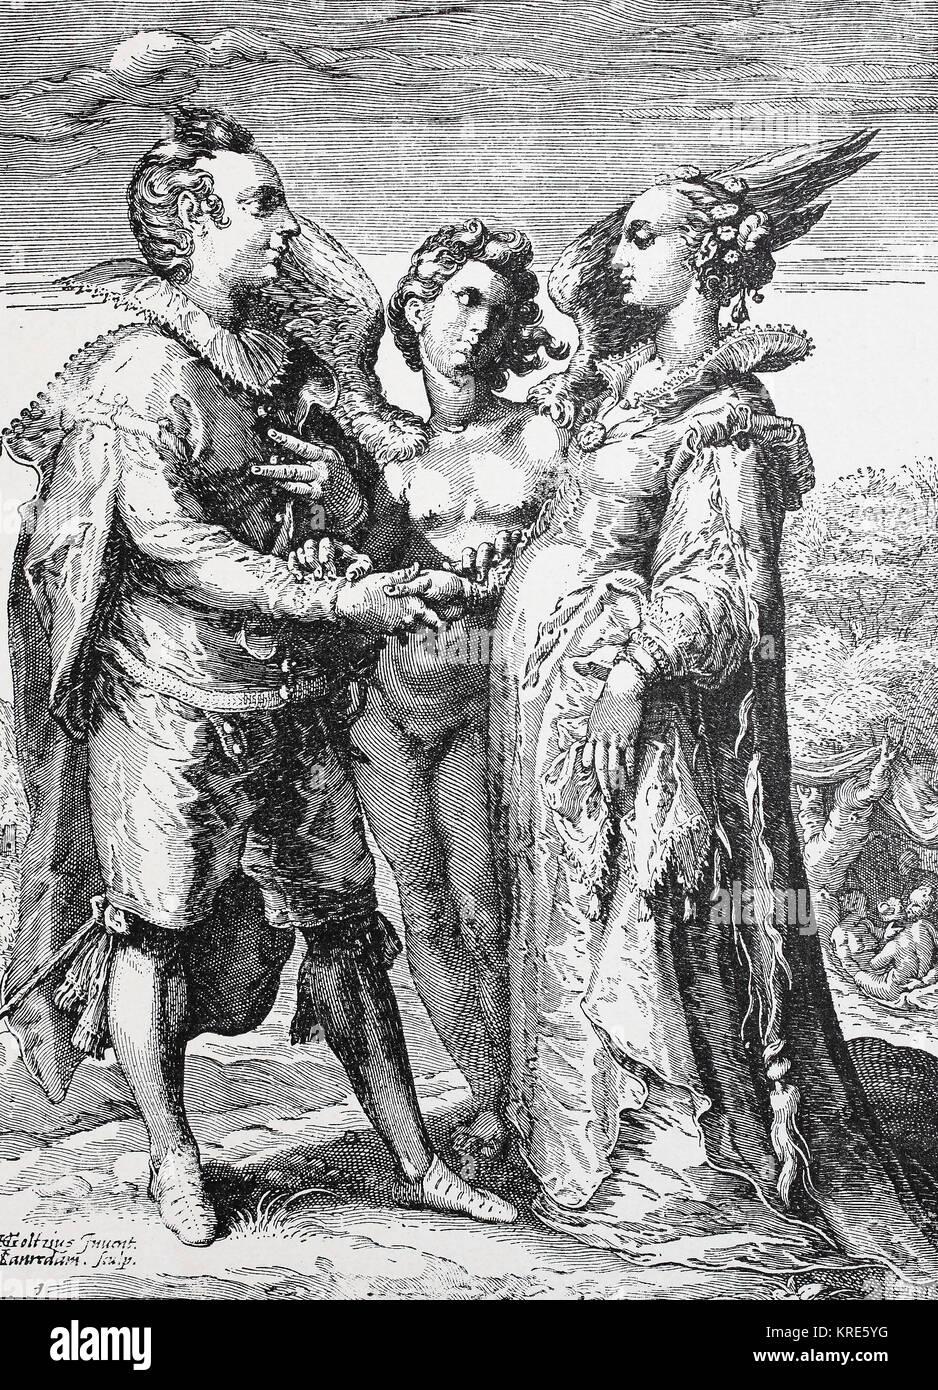 Mann, Frau und Engel der Liebe, symbolische Darstellung der Ehe für die Liebe, digital verbesserte Reproduktion Stockbild